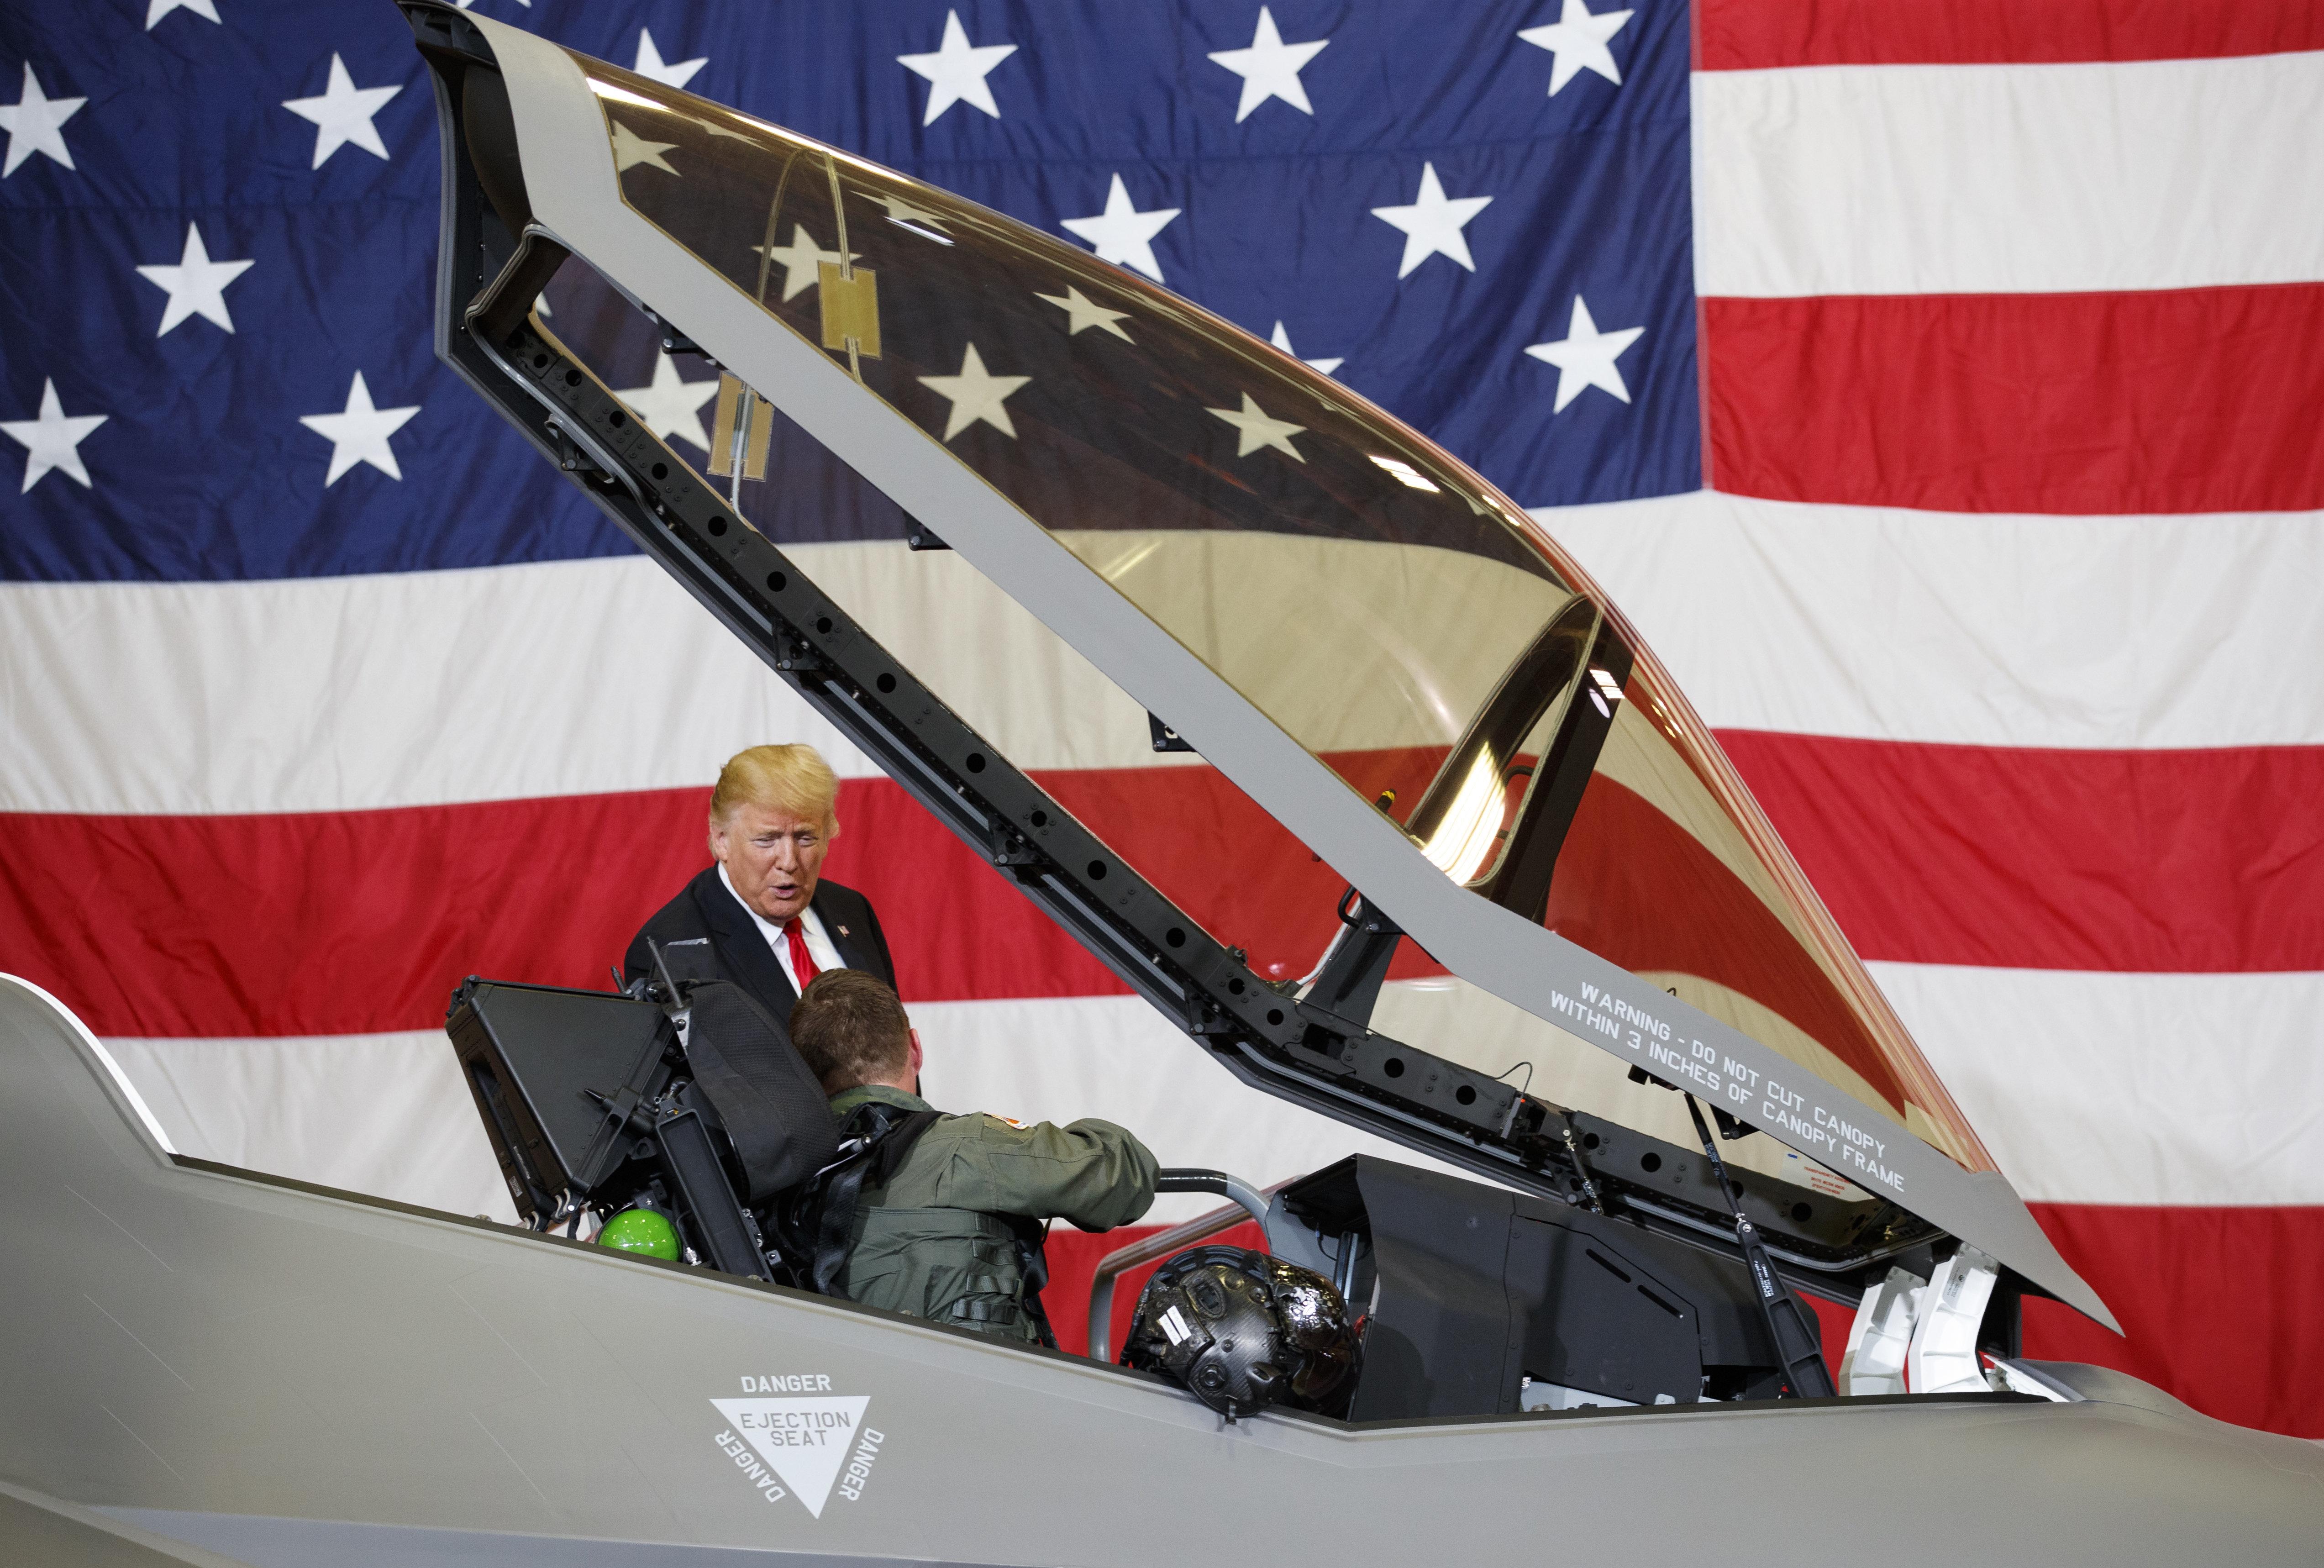 Αποφασίστε εάν θέλετε F-35 η S-400, λένε οι ΗΠΑ στην